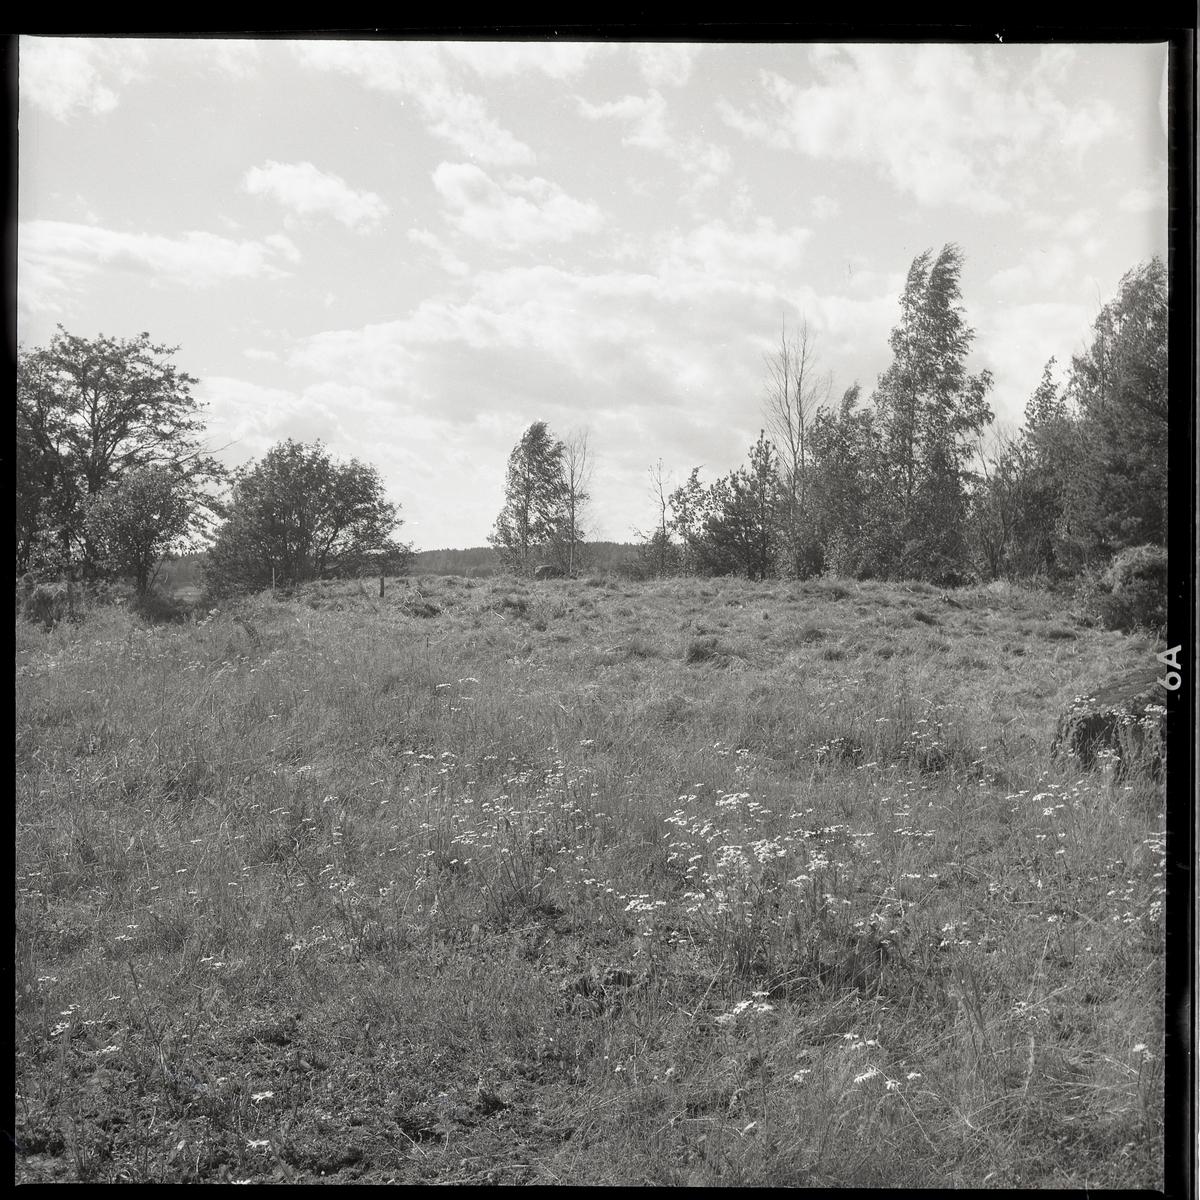 """Munktorp sn, Köping, Åsby. """"Hummelbacken"""". Utgrävning av gravfält RAÄ 117. Gravfältet från sydost, översiktsbild. 1961."""